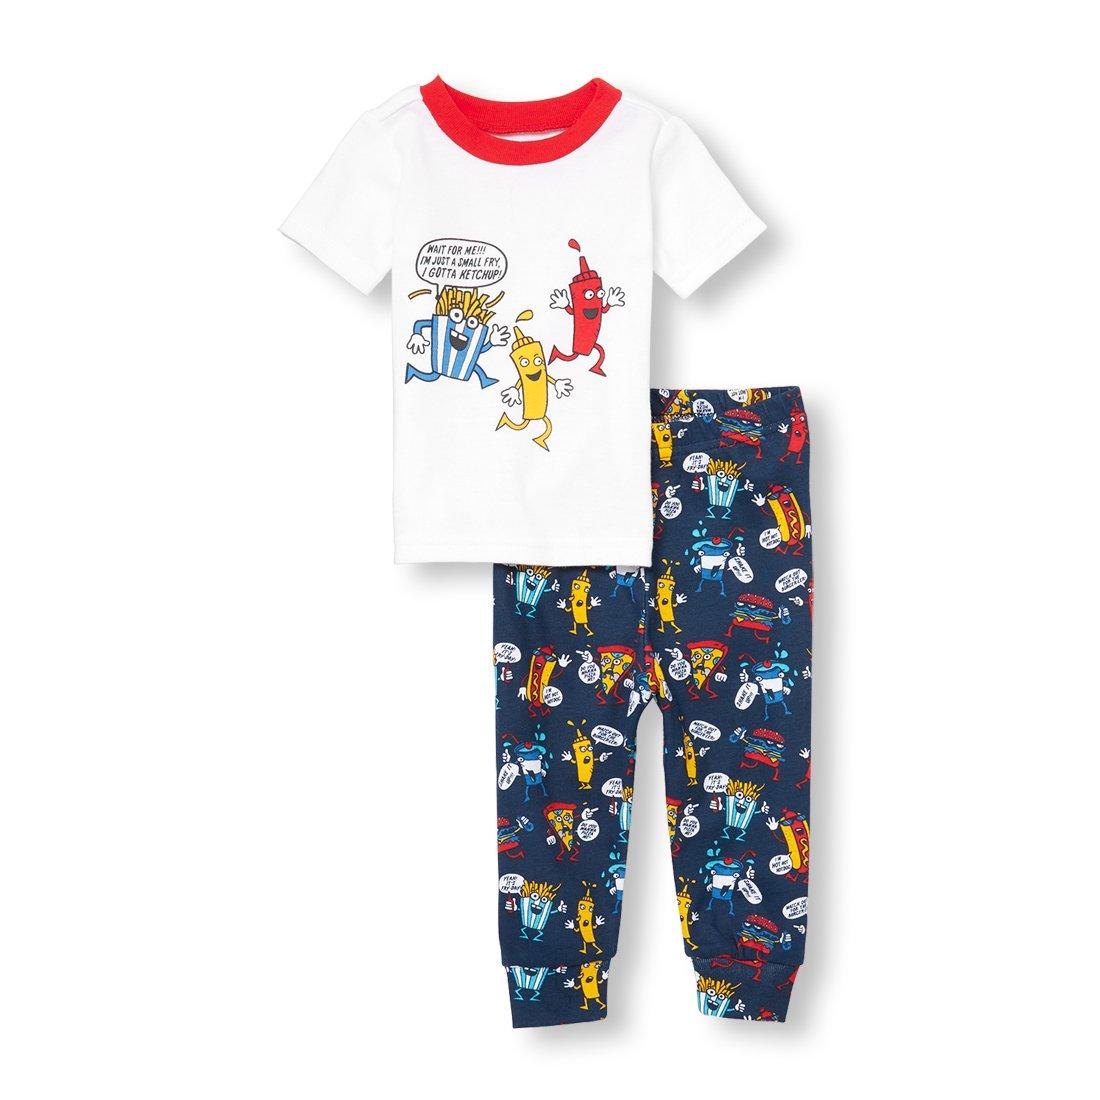 上品な The Children's Children's ホワイト4 Place SLEEPWEAR ベビーボーイズ 12-18MOS 12-18MOS ホワイト4 B07775B452, ハッピークラブ:7b81a6e7 --- agiven.com